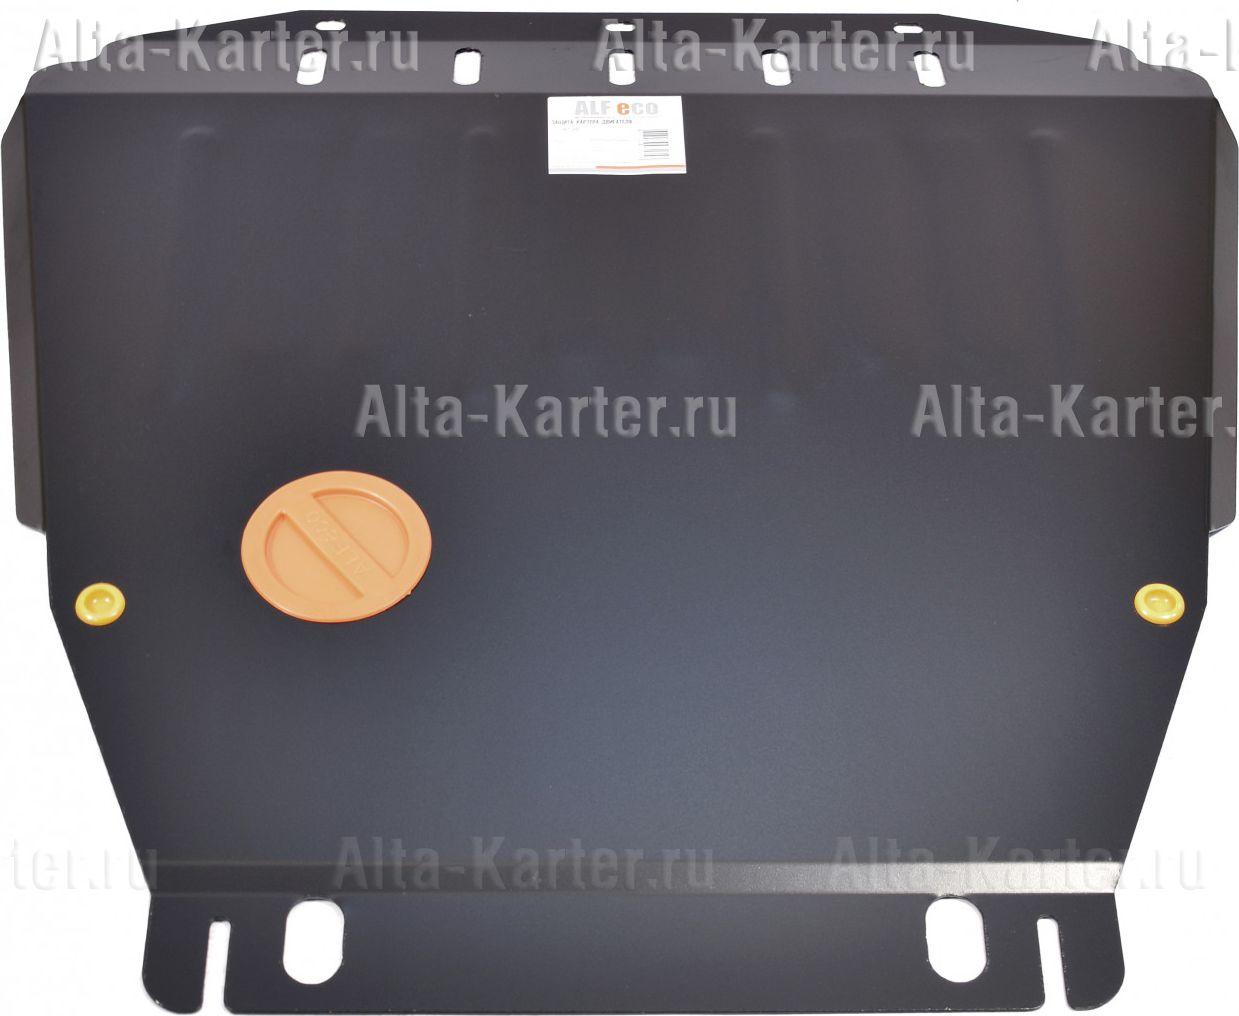 Защита Alfeco для картера и КПП Ford Transit Connect 2002-2021. Артикул ALF.07.20